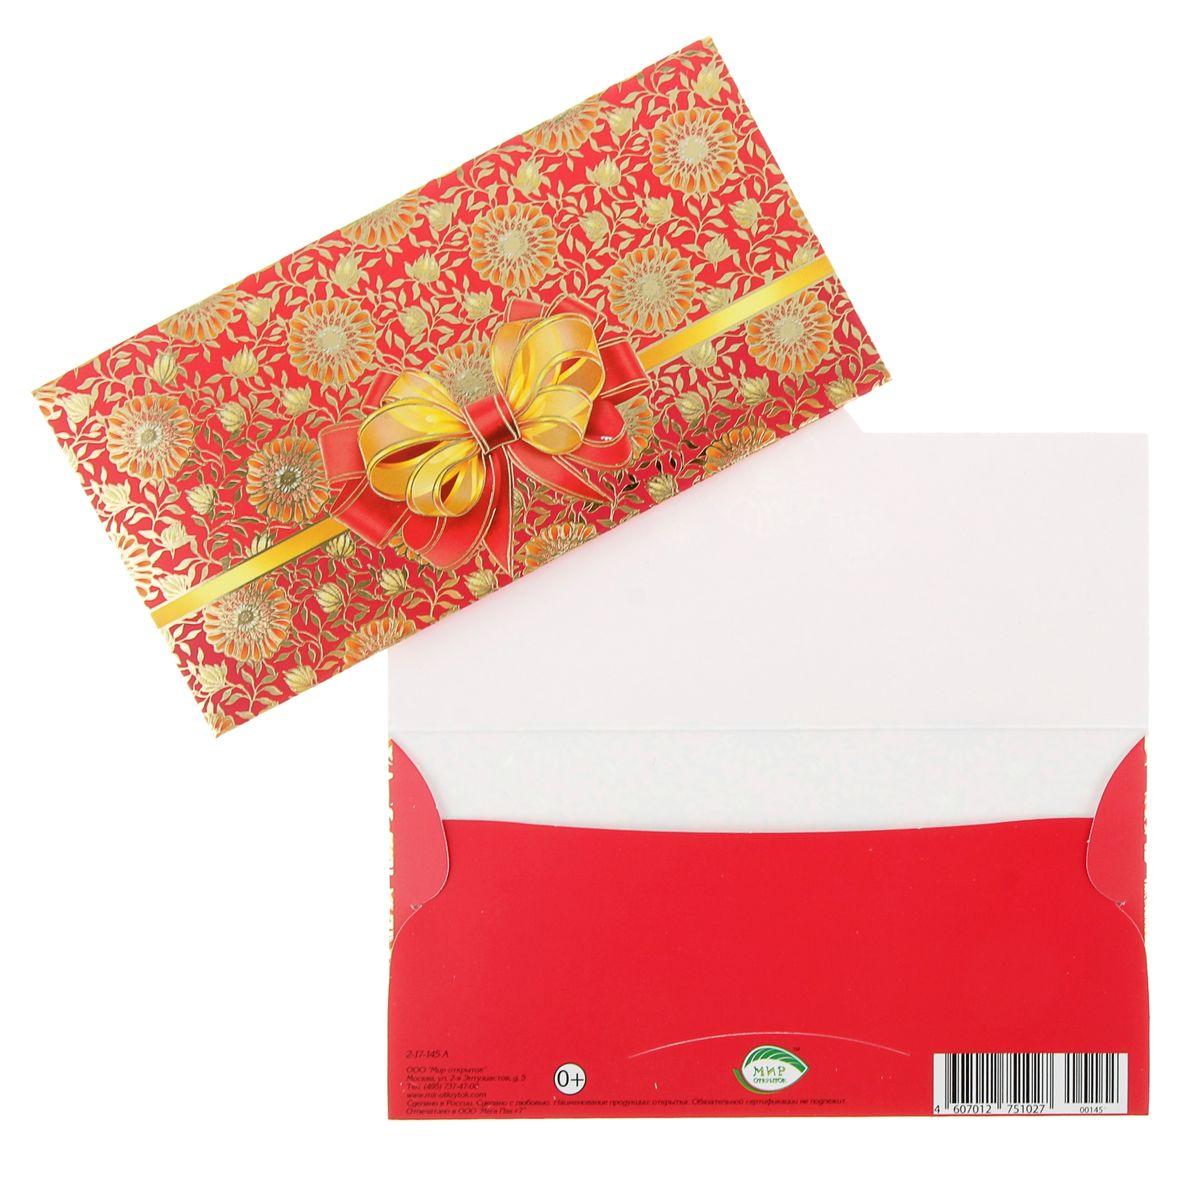 Конверт для денег Бант. 559794559794Конверт для денег Бант, изготовленный из бумаги, прекрасно подойдет для оформления денежного подарка! Яркий и красочный, такой конверт подойдет к любому праздничному событию, будь то свадьба, день рождения или юбилей. Подарок в таком конверте будет выглядеть ярко и торжественно!